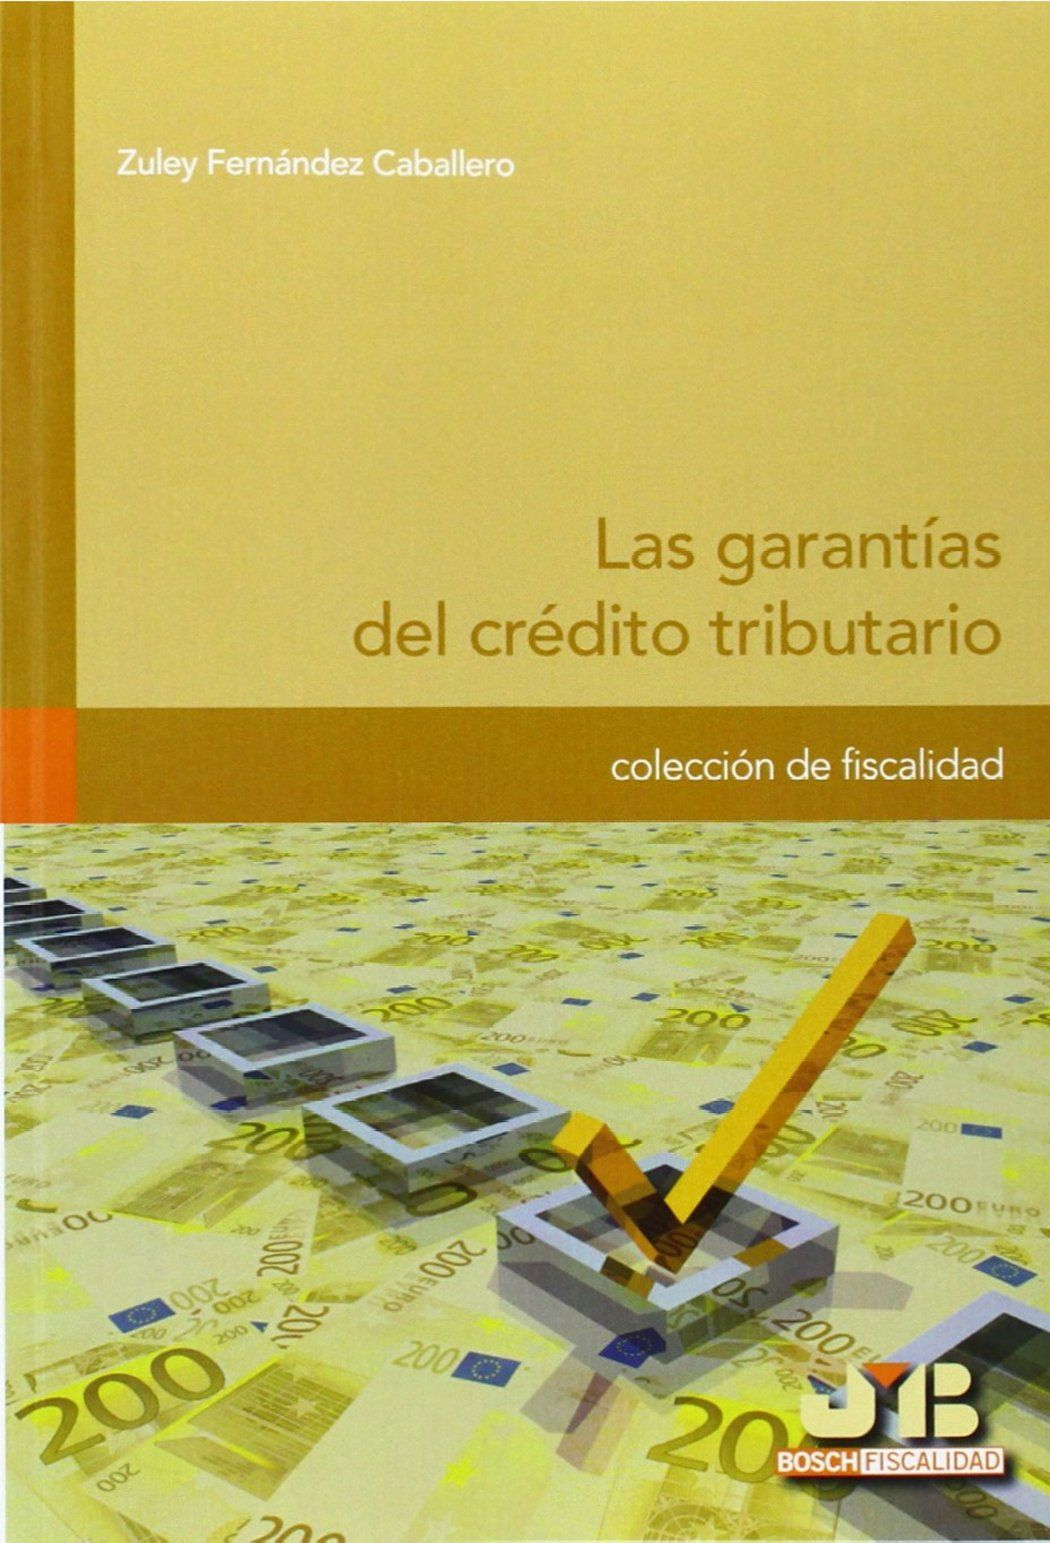 Las garantías del crédito tributario / Zuley Fernández Caballero. - 2014